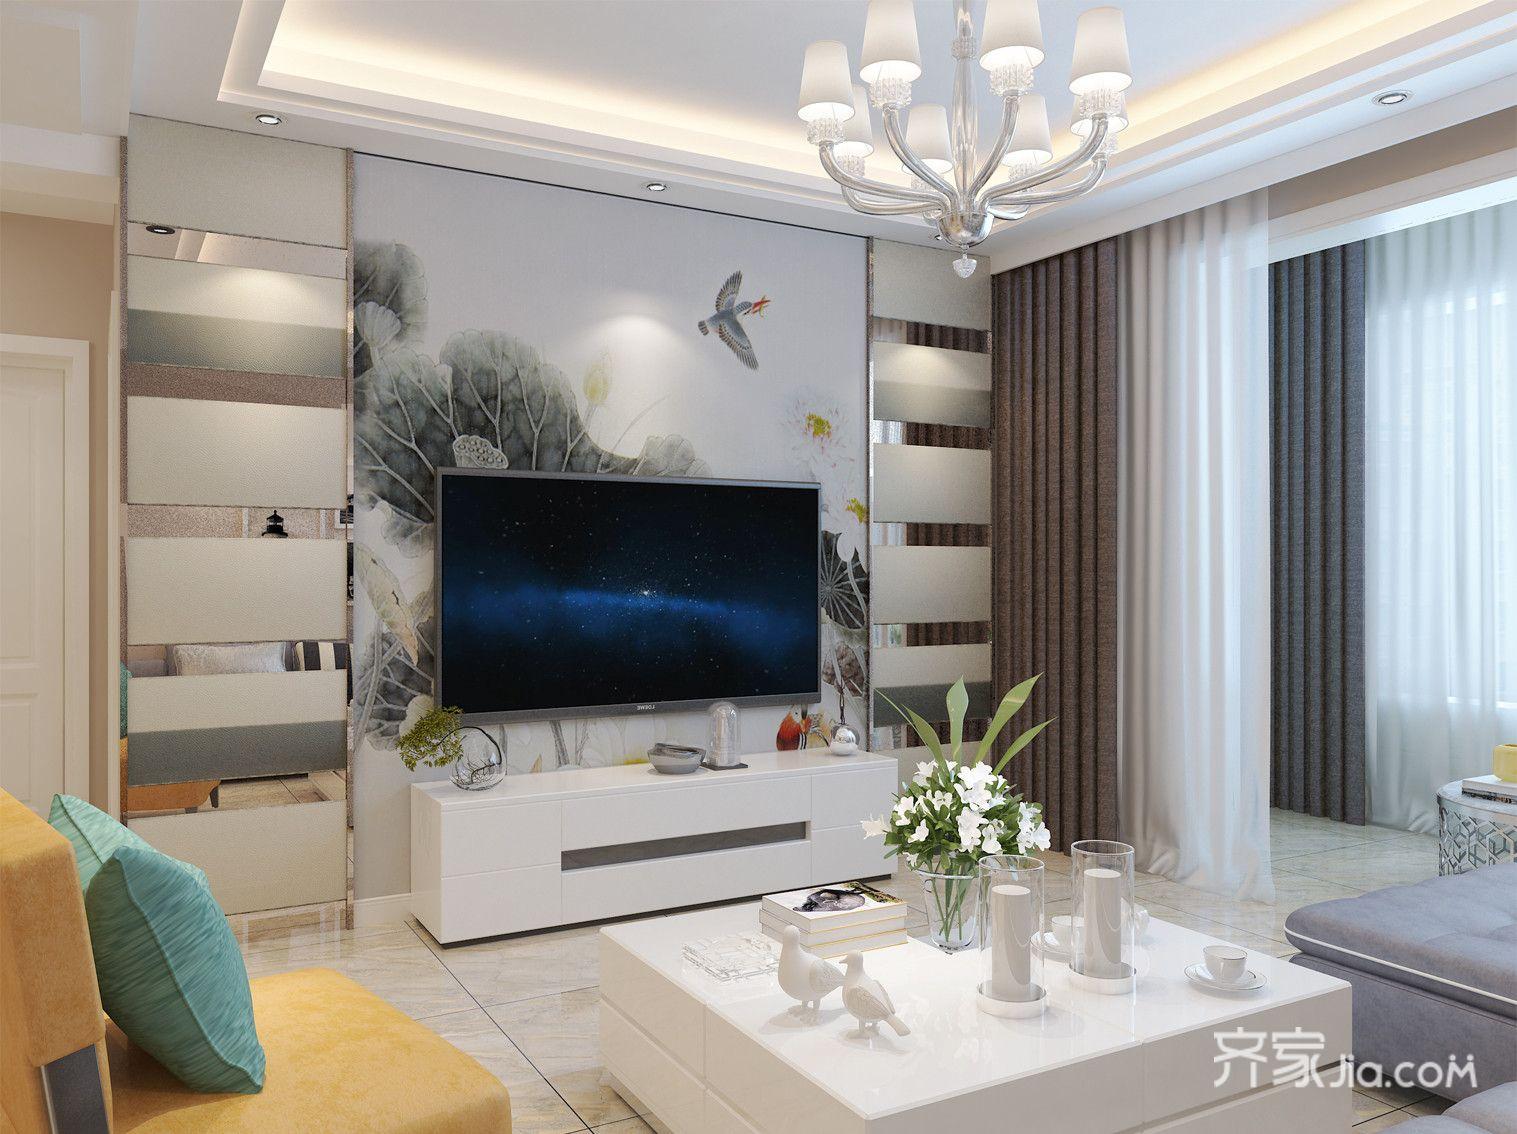 110平现代简约二居电视背景墙装修效果图